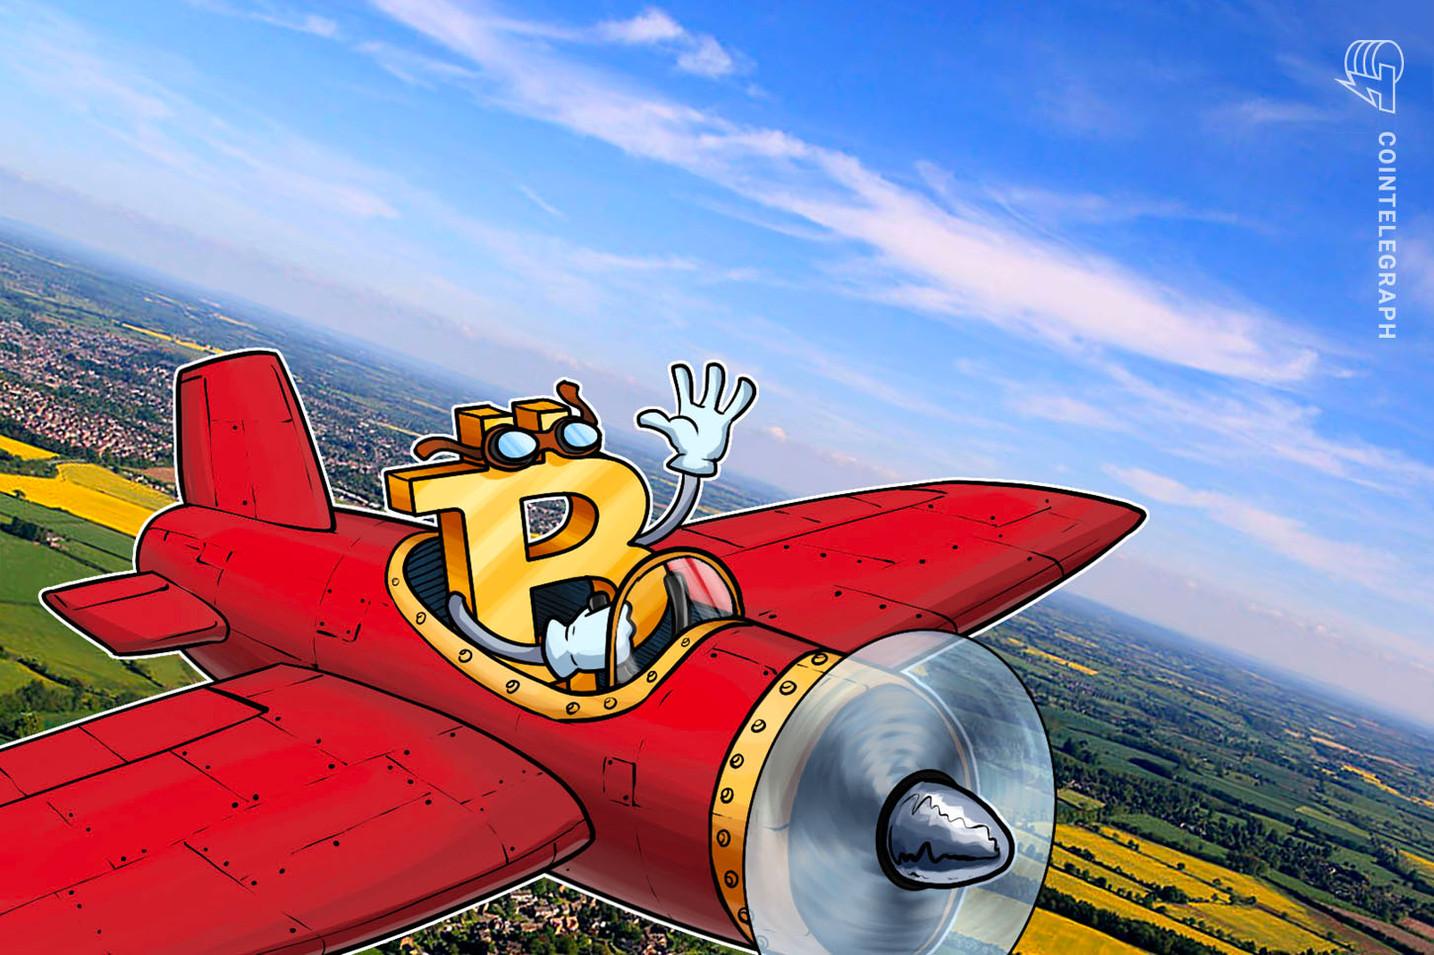 Las principales criptomonedas ven pérdidas moderadas, Bitcoin por debajo de $3800